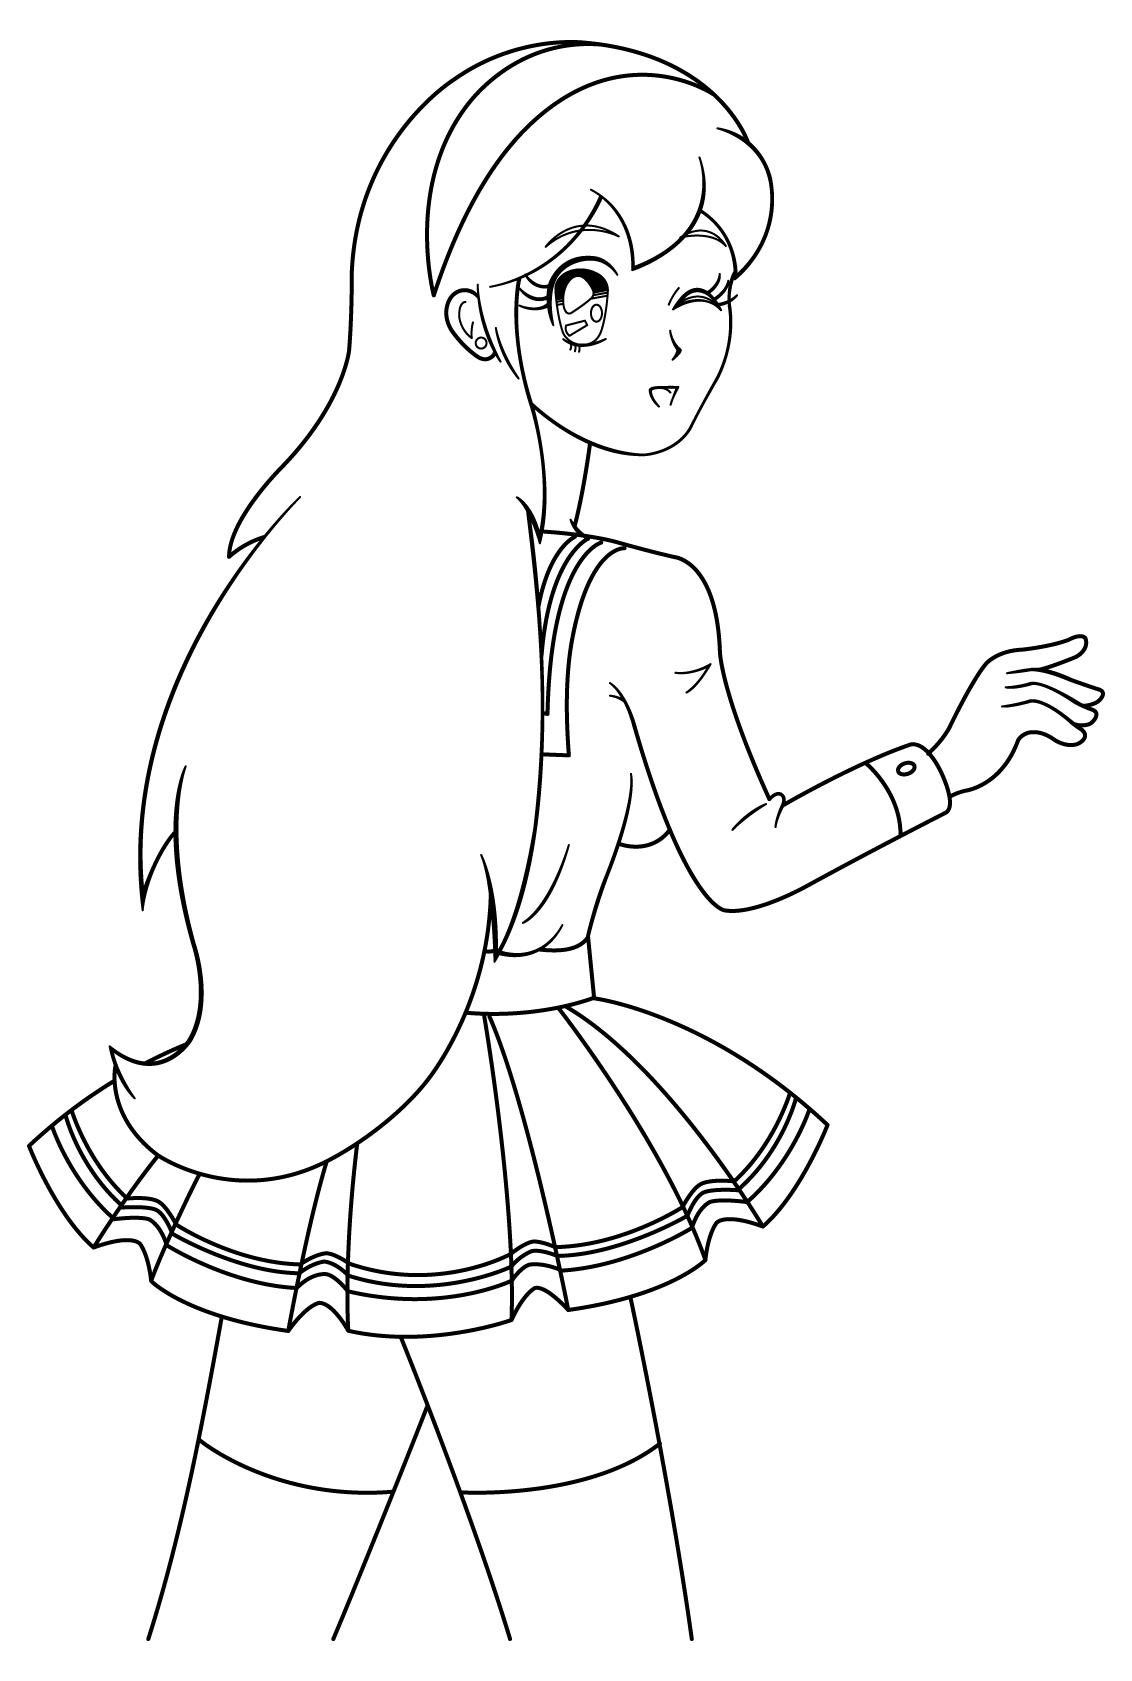 Tô màu anime cô gái đẹp